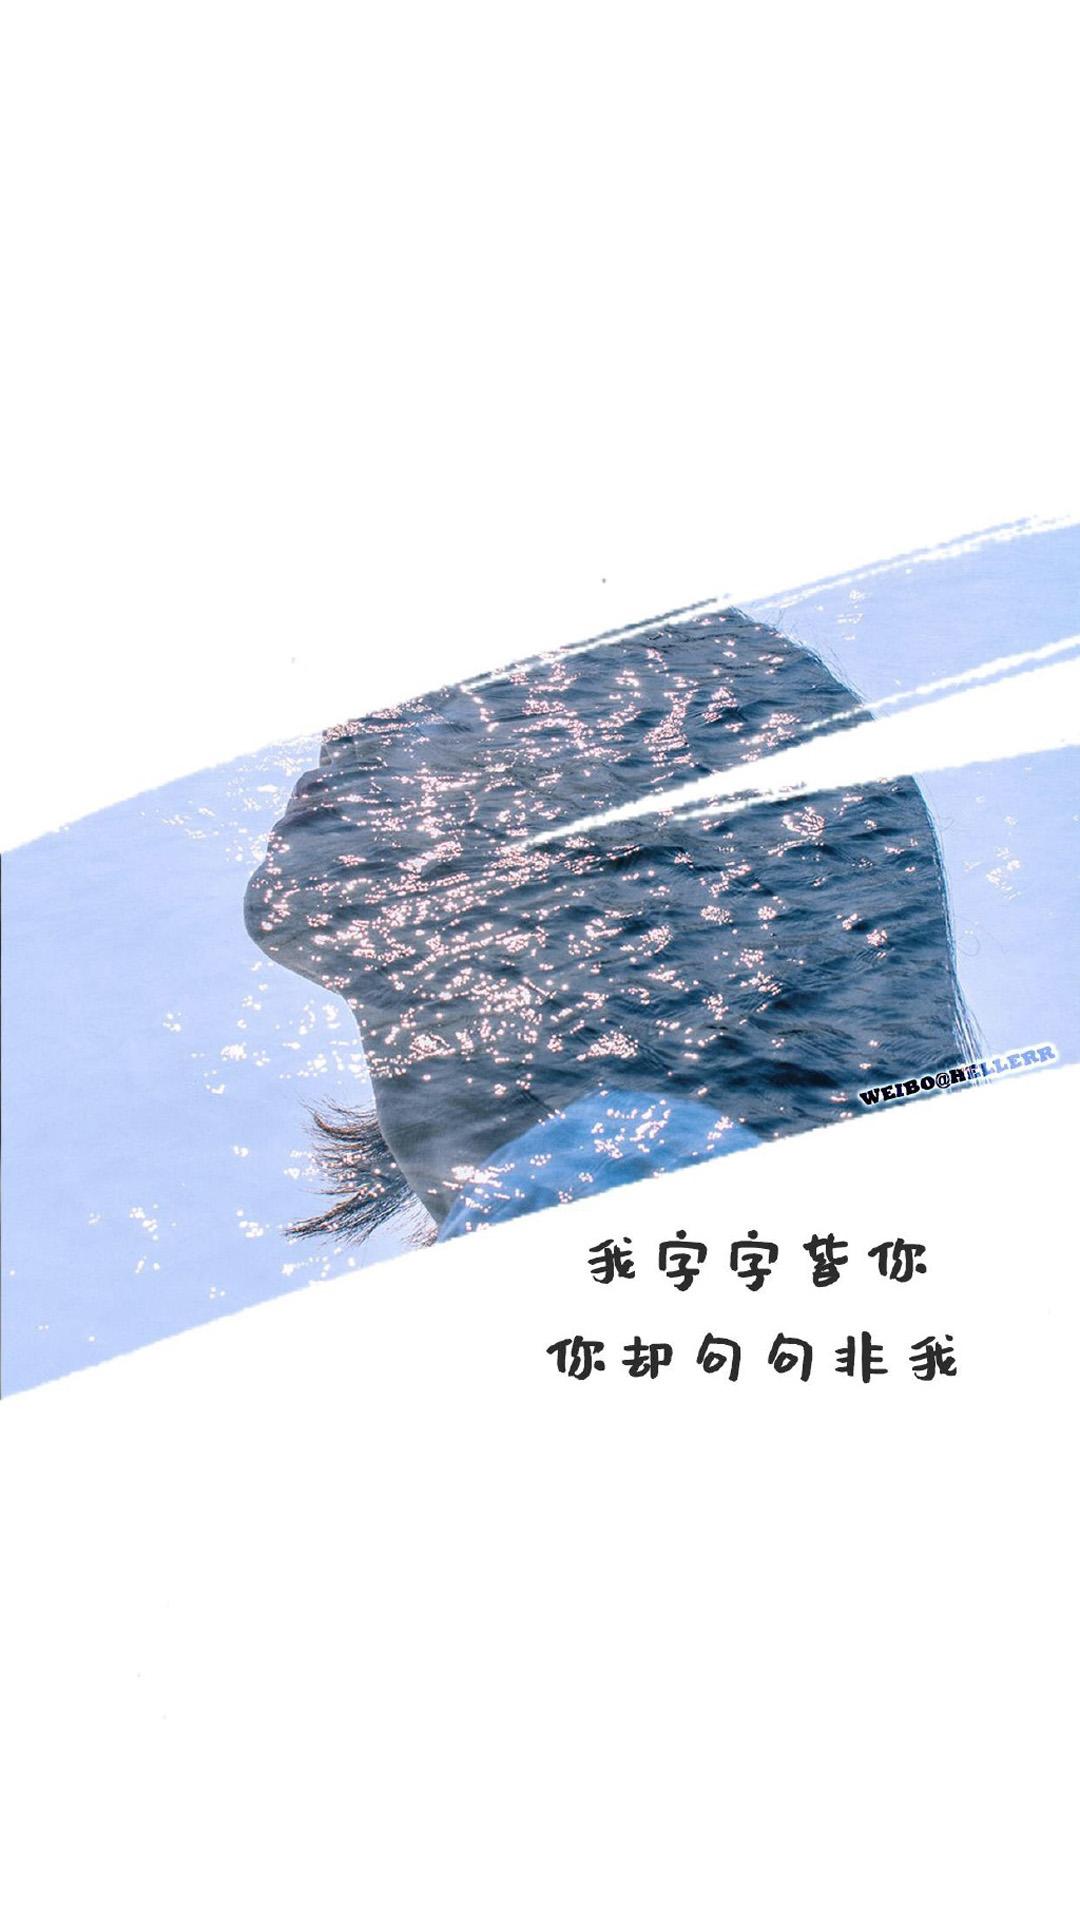 心灵鸡汤文字图片手机壁纸